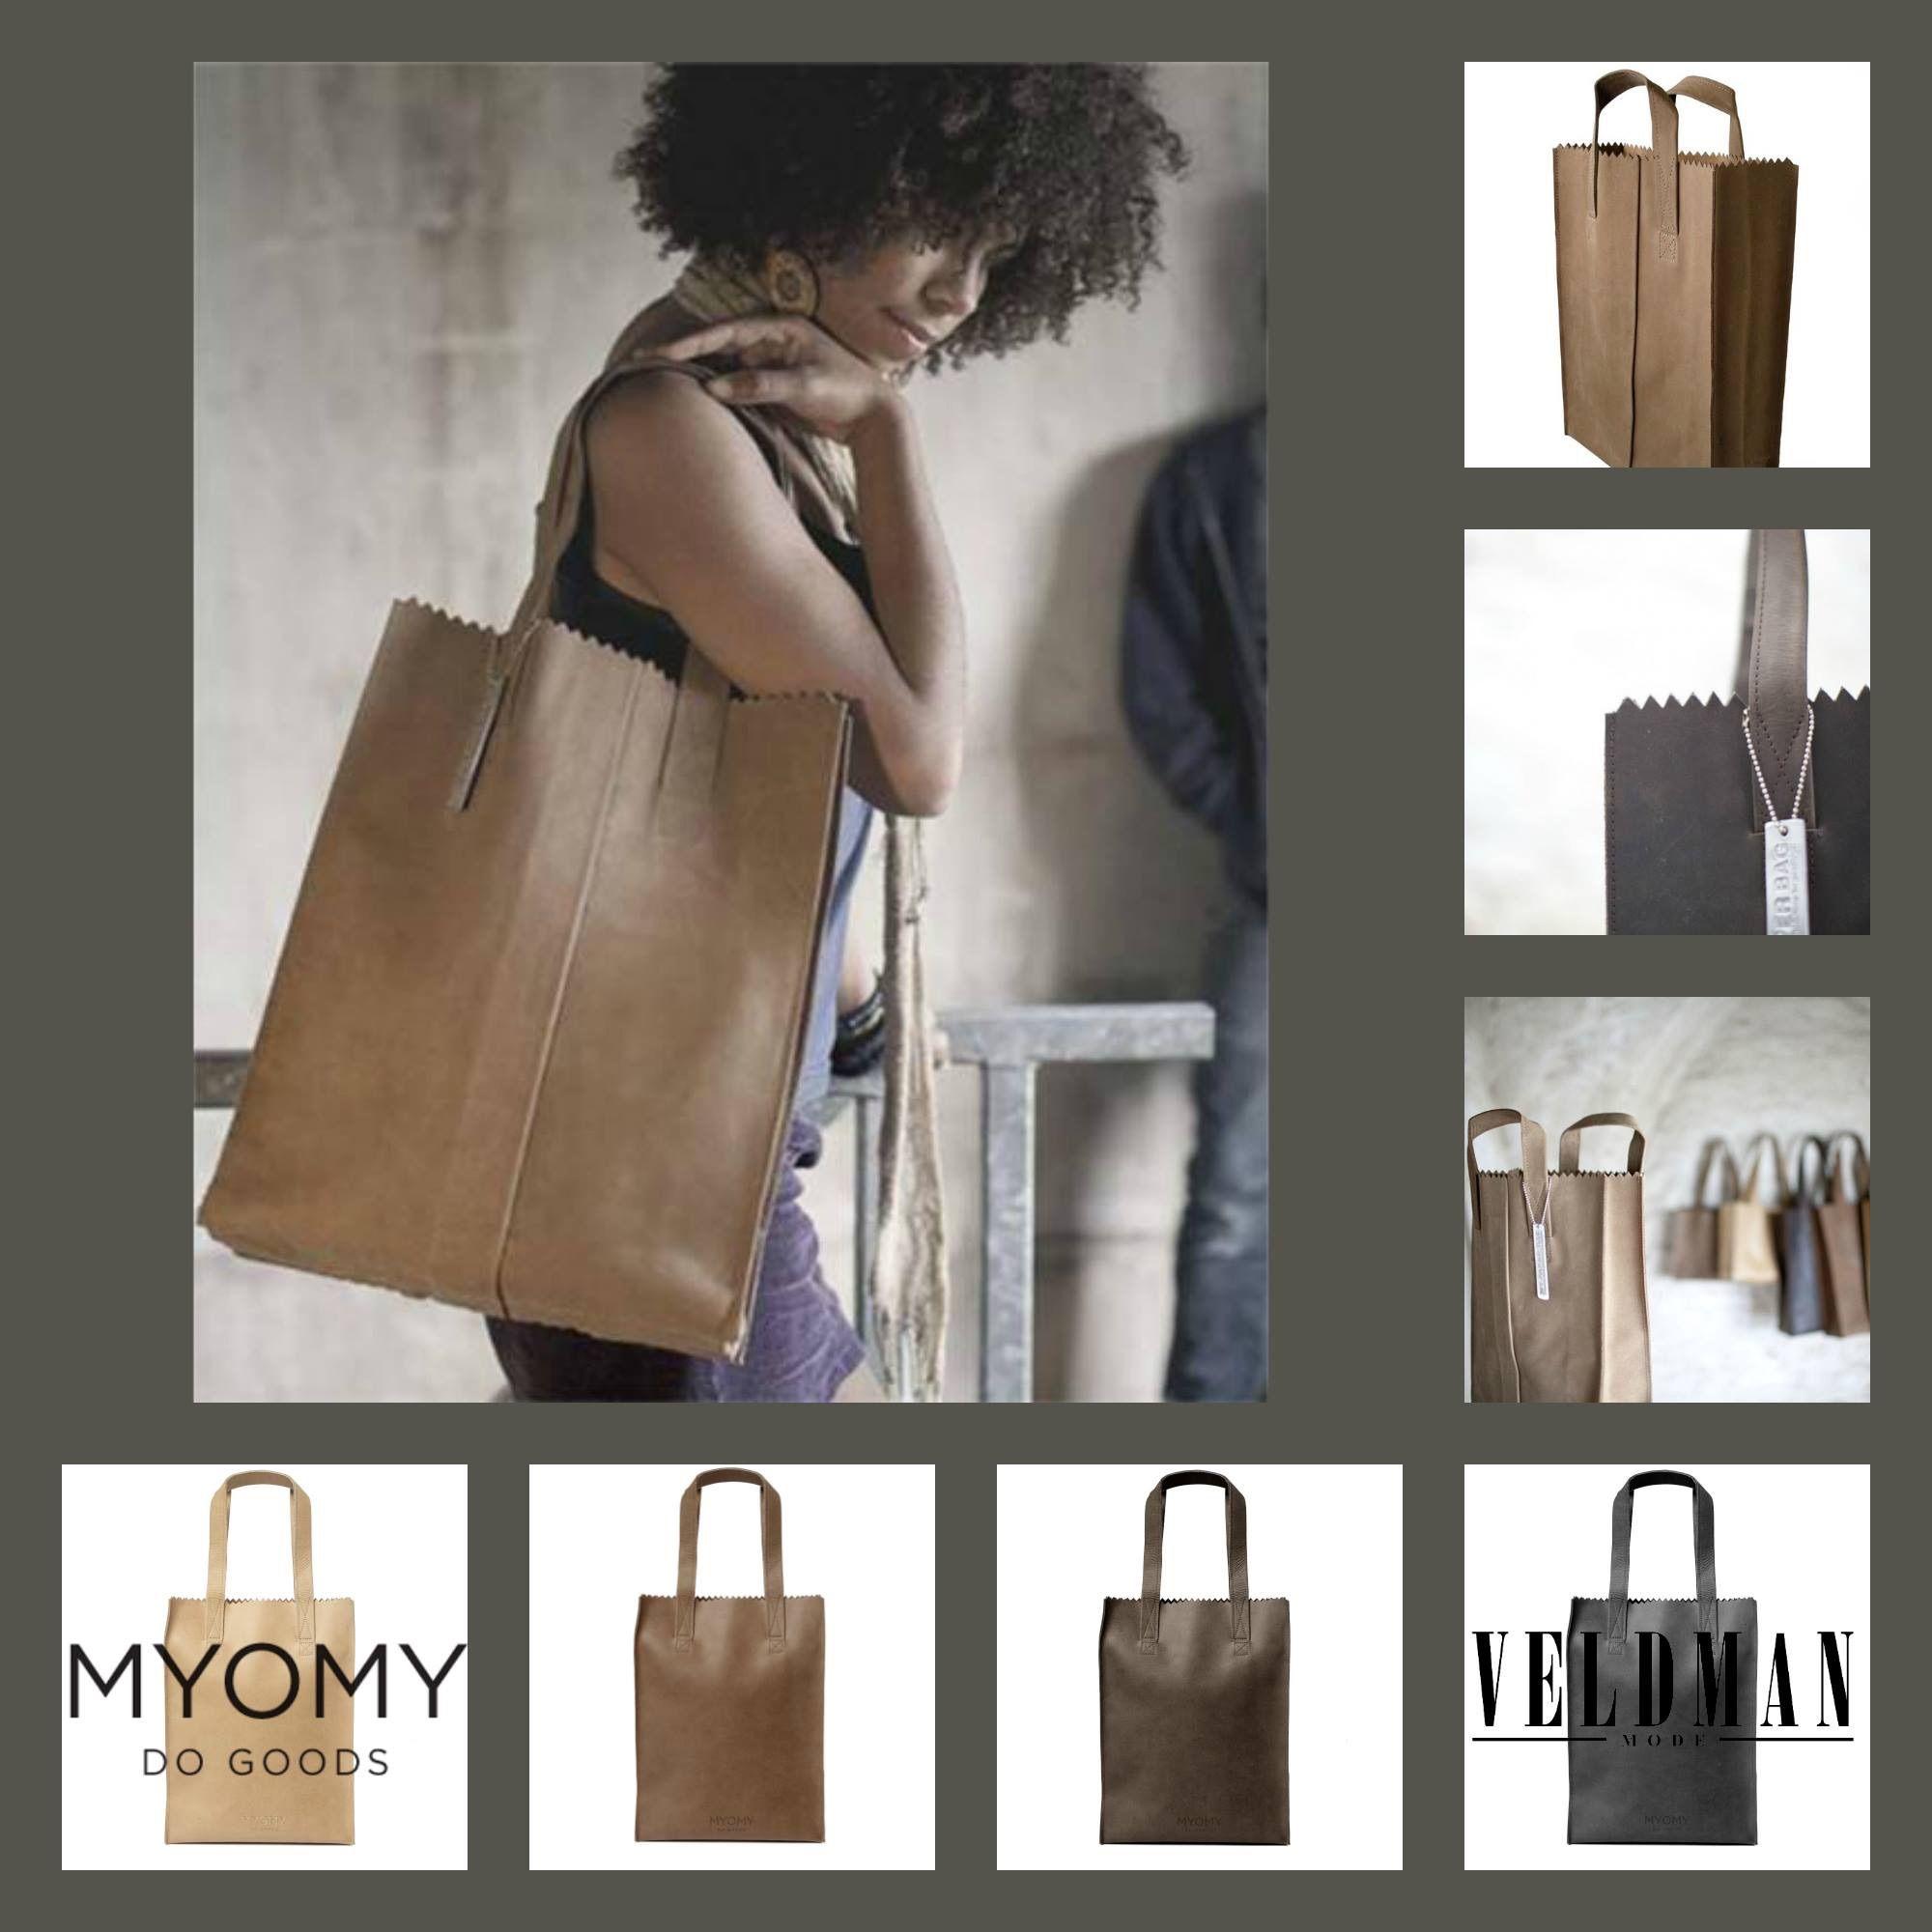 Myomy bags